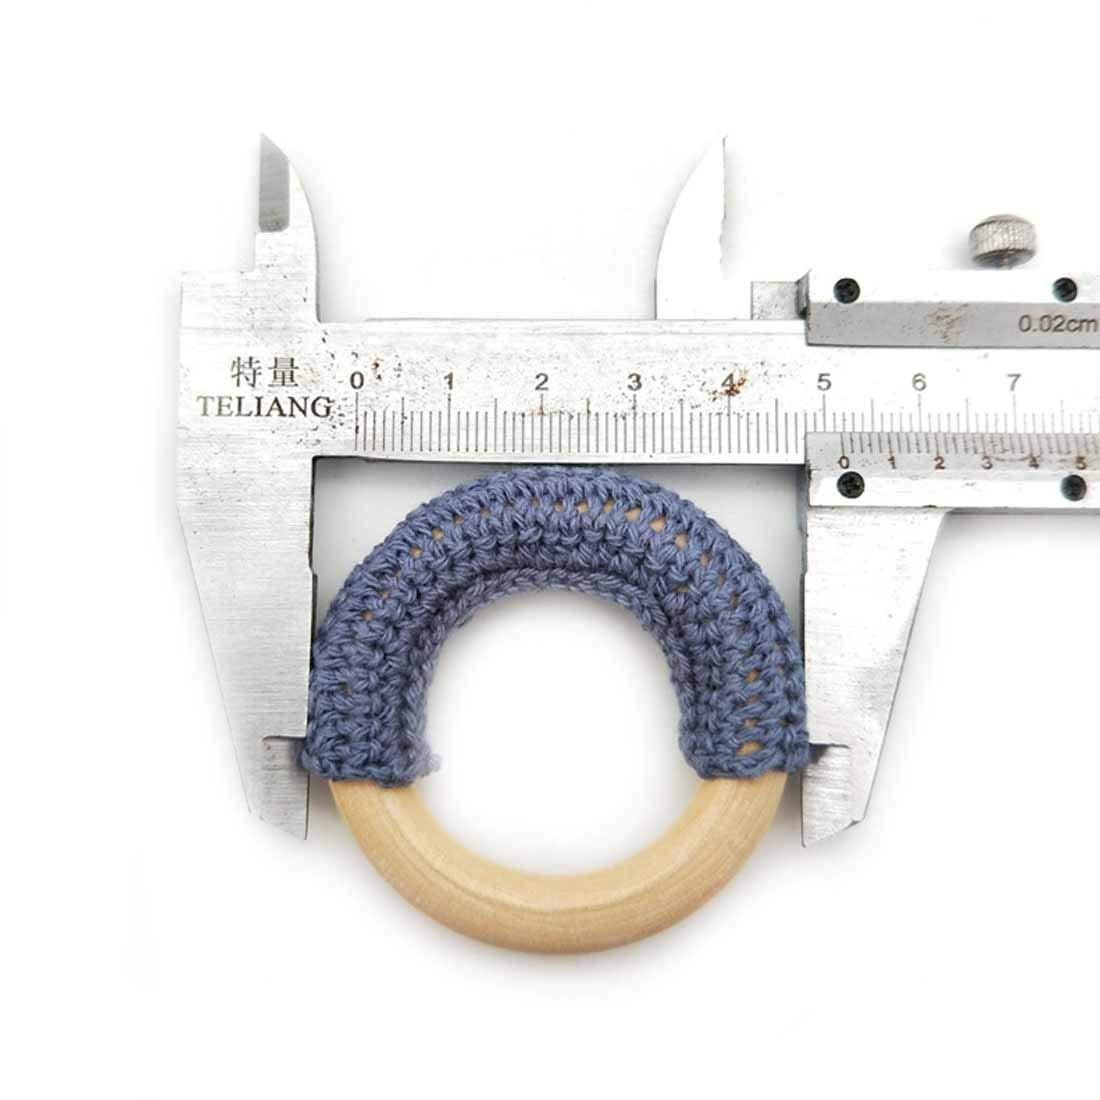 Desconocido 3pc 50mm DIY Anillo de Madera mordedor beb/é//Ganchillo de Madera//Anillo Material de Calidad alimentaria Anillo de mordedura de beb/é